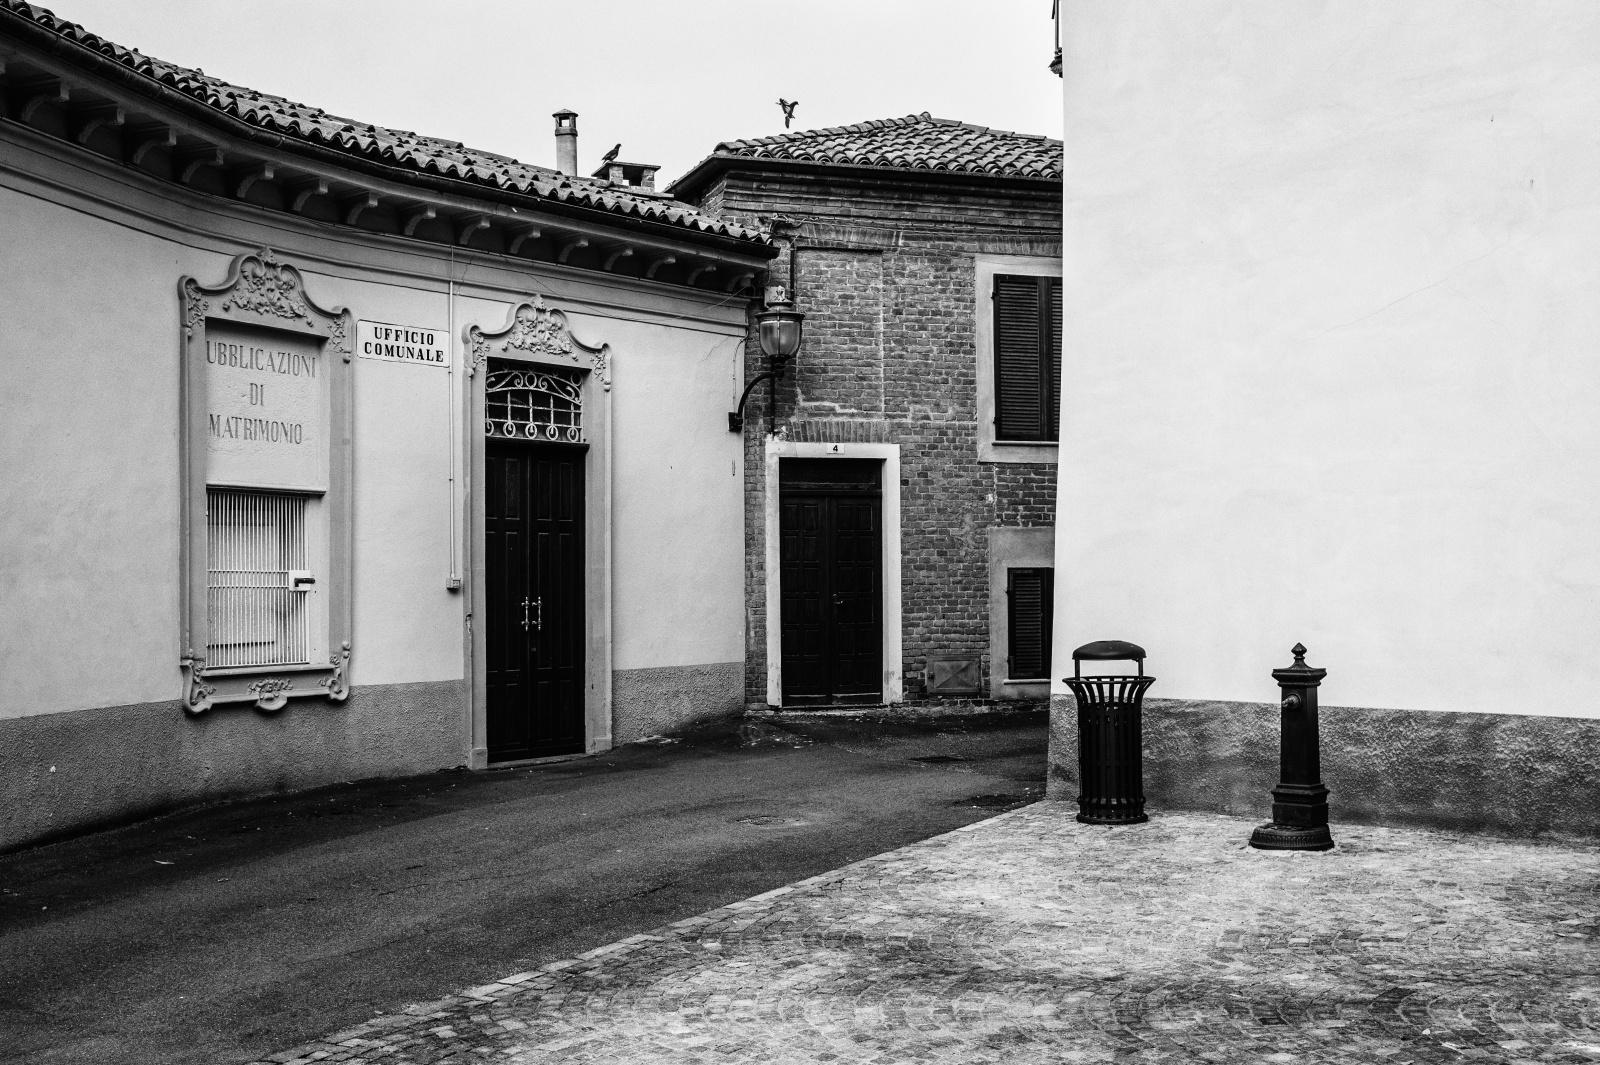 Viarigi (Piemonte)